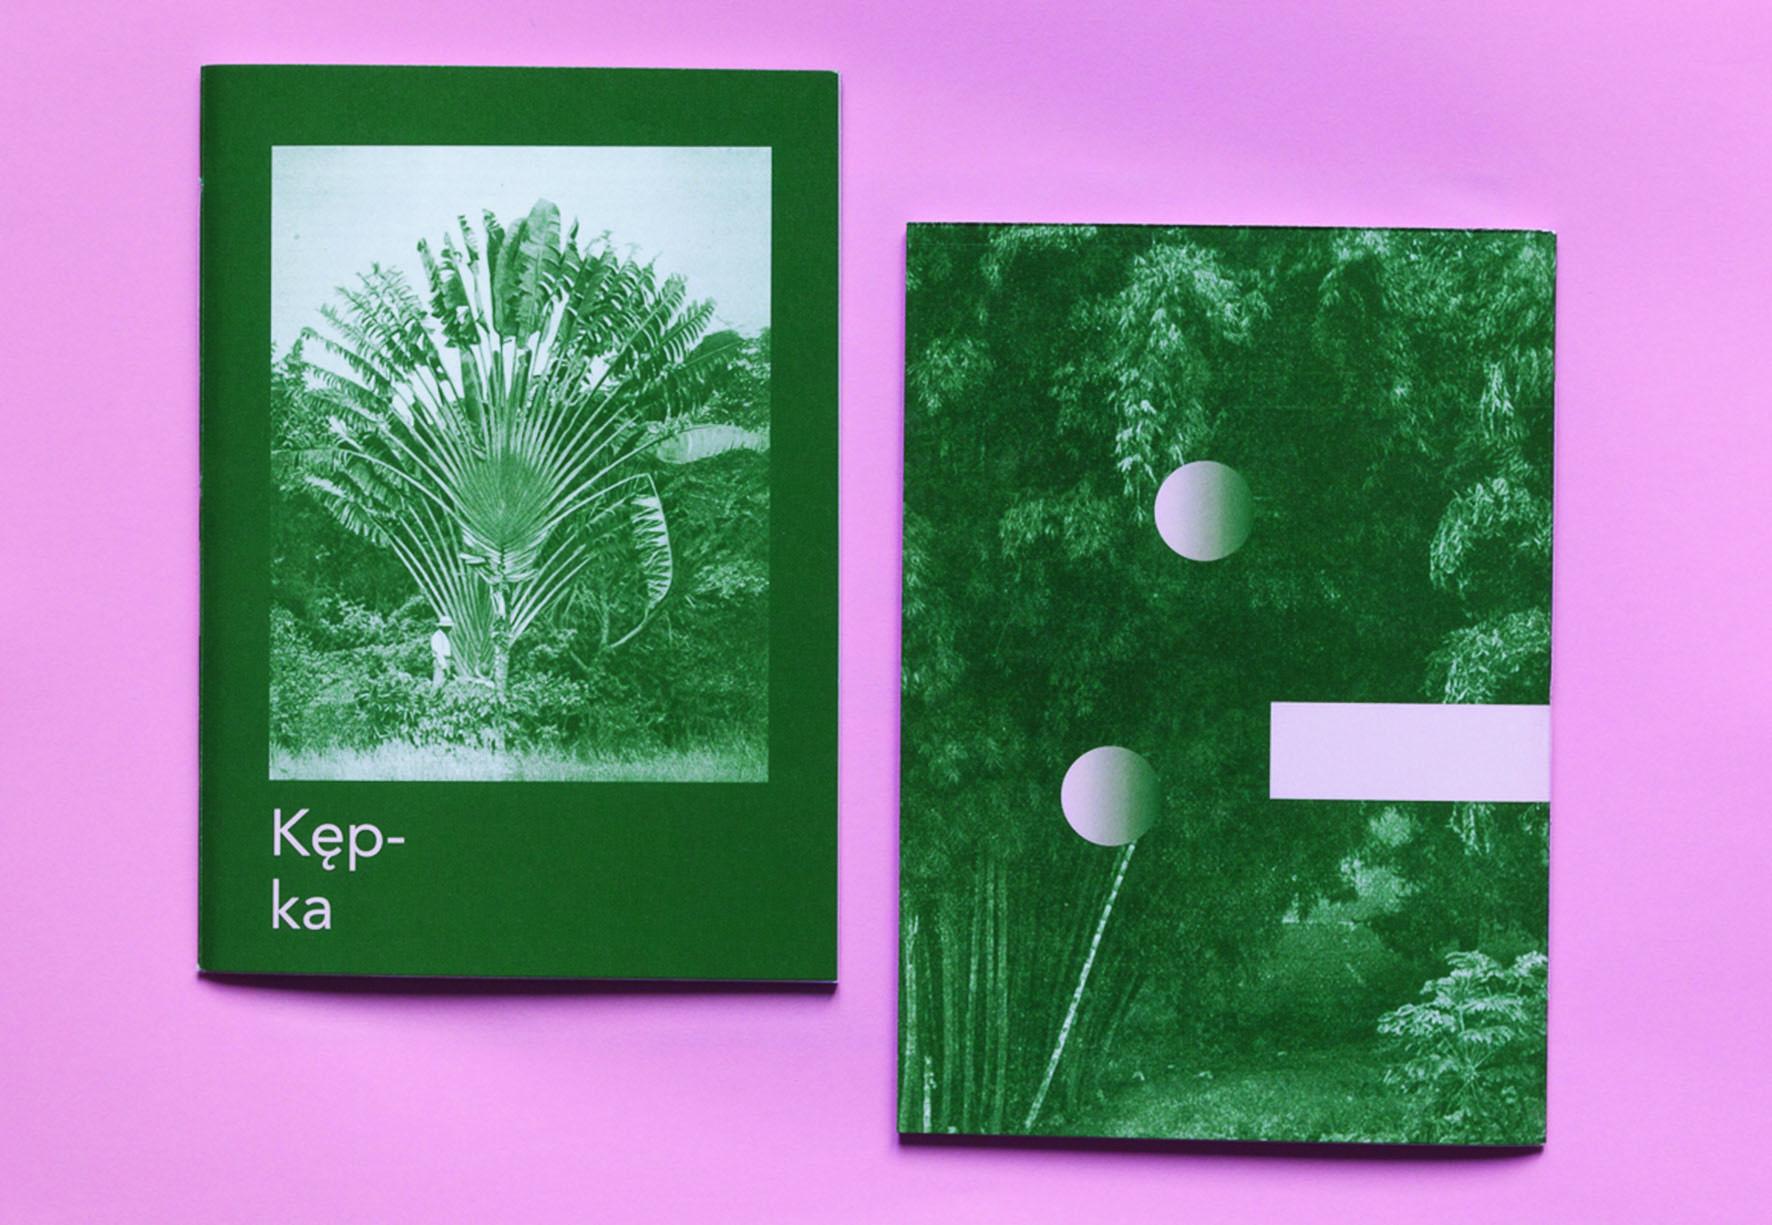 kepka_massif_zines1 - Massif Zines